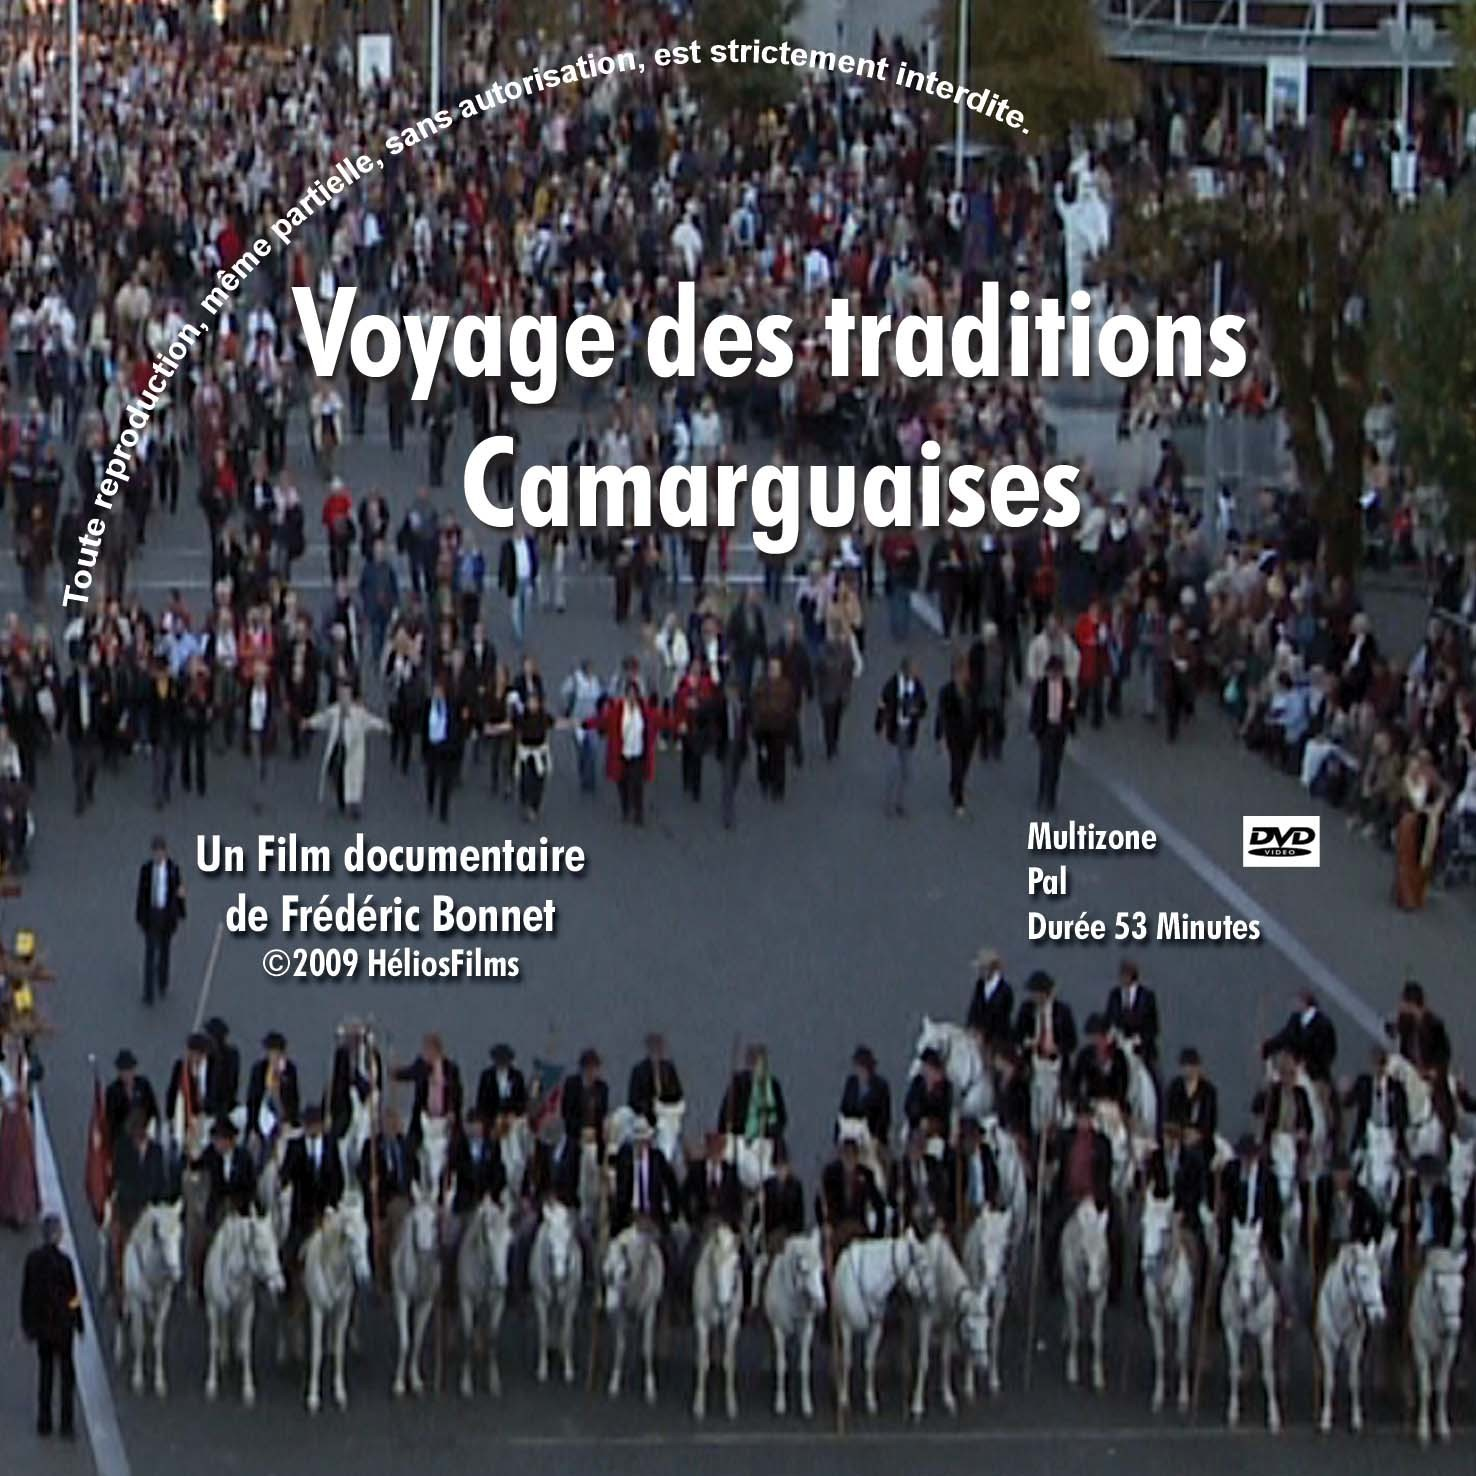 Voyage_des_traditions